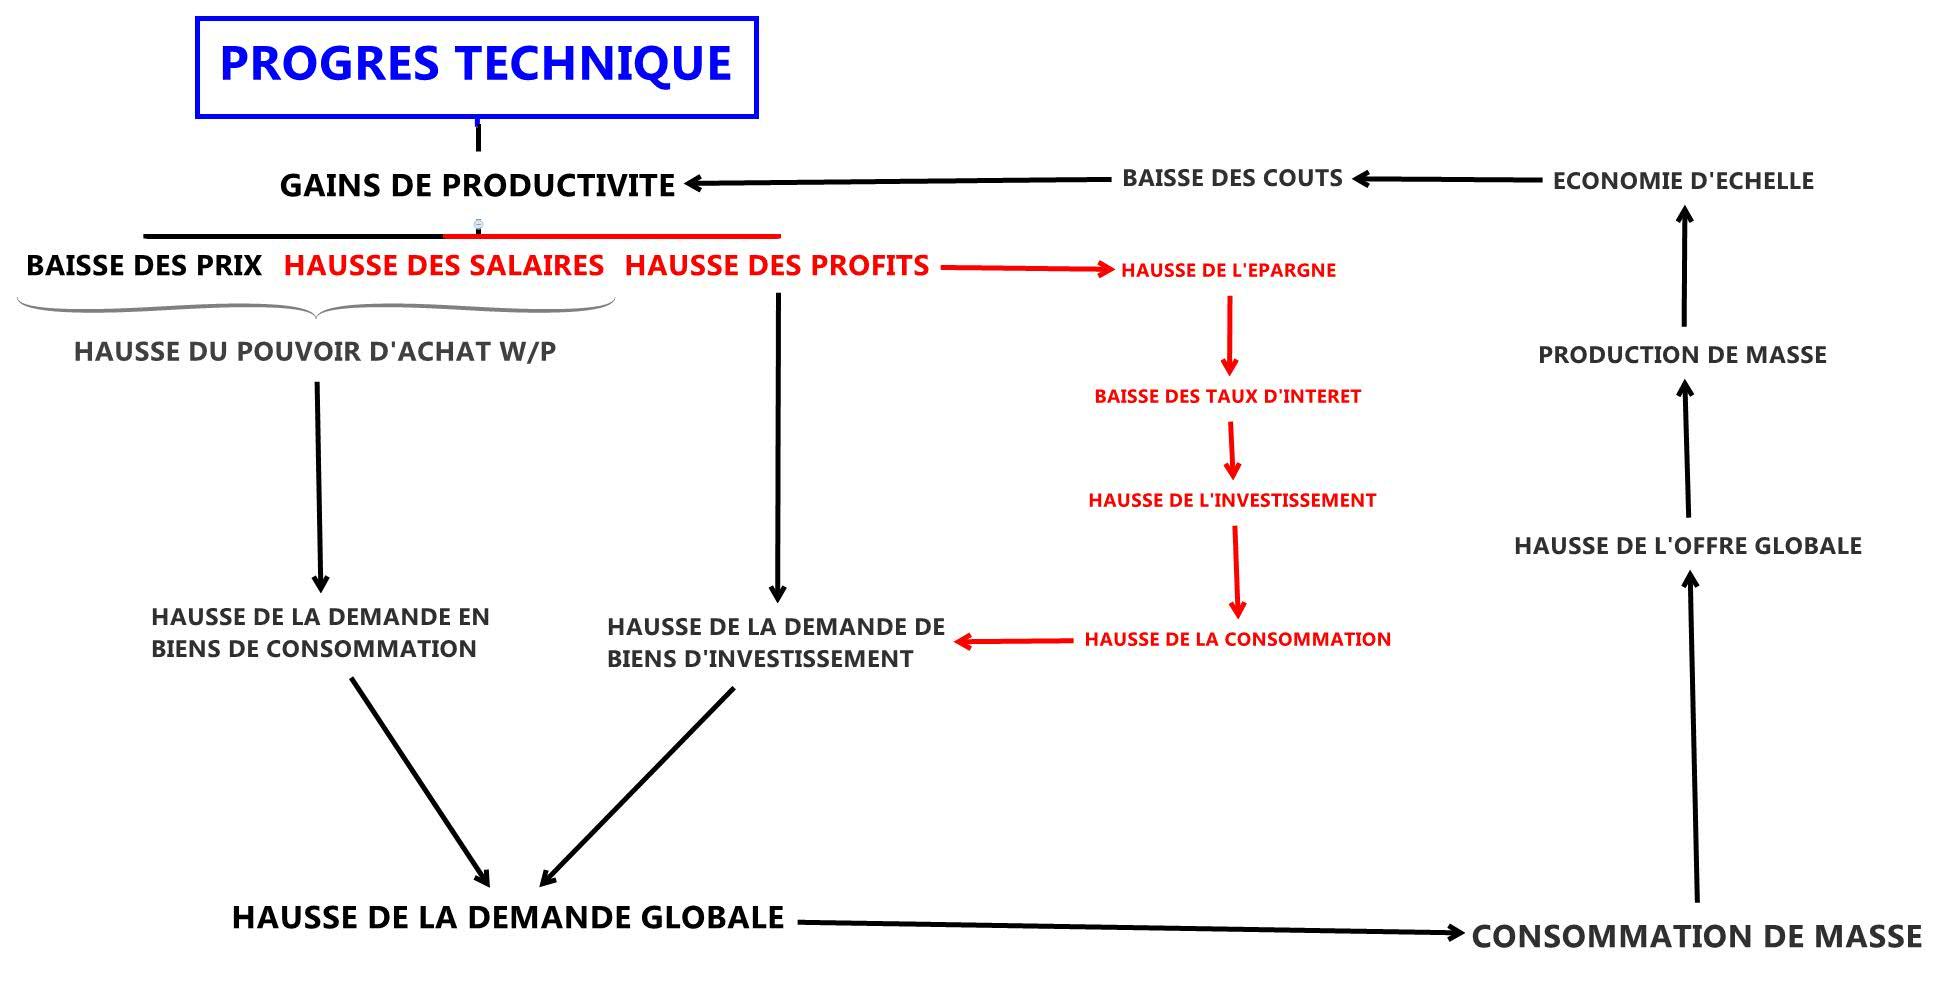 Quels sont les effets du progrés technique sur l'emploie ? | Etudier